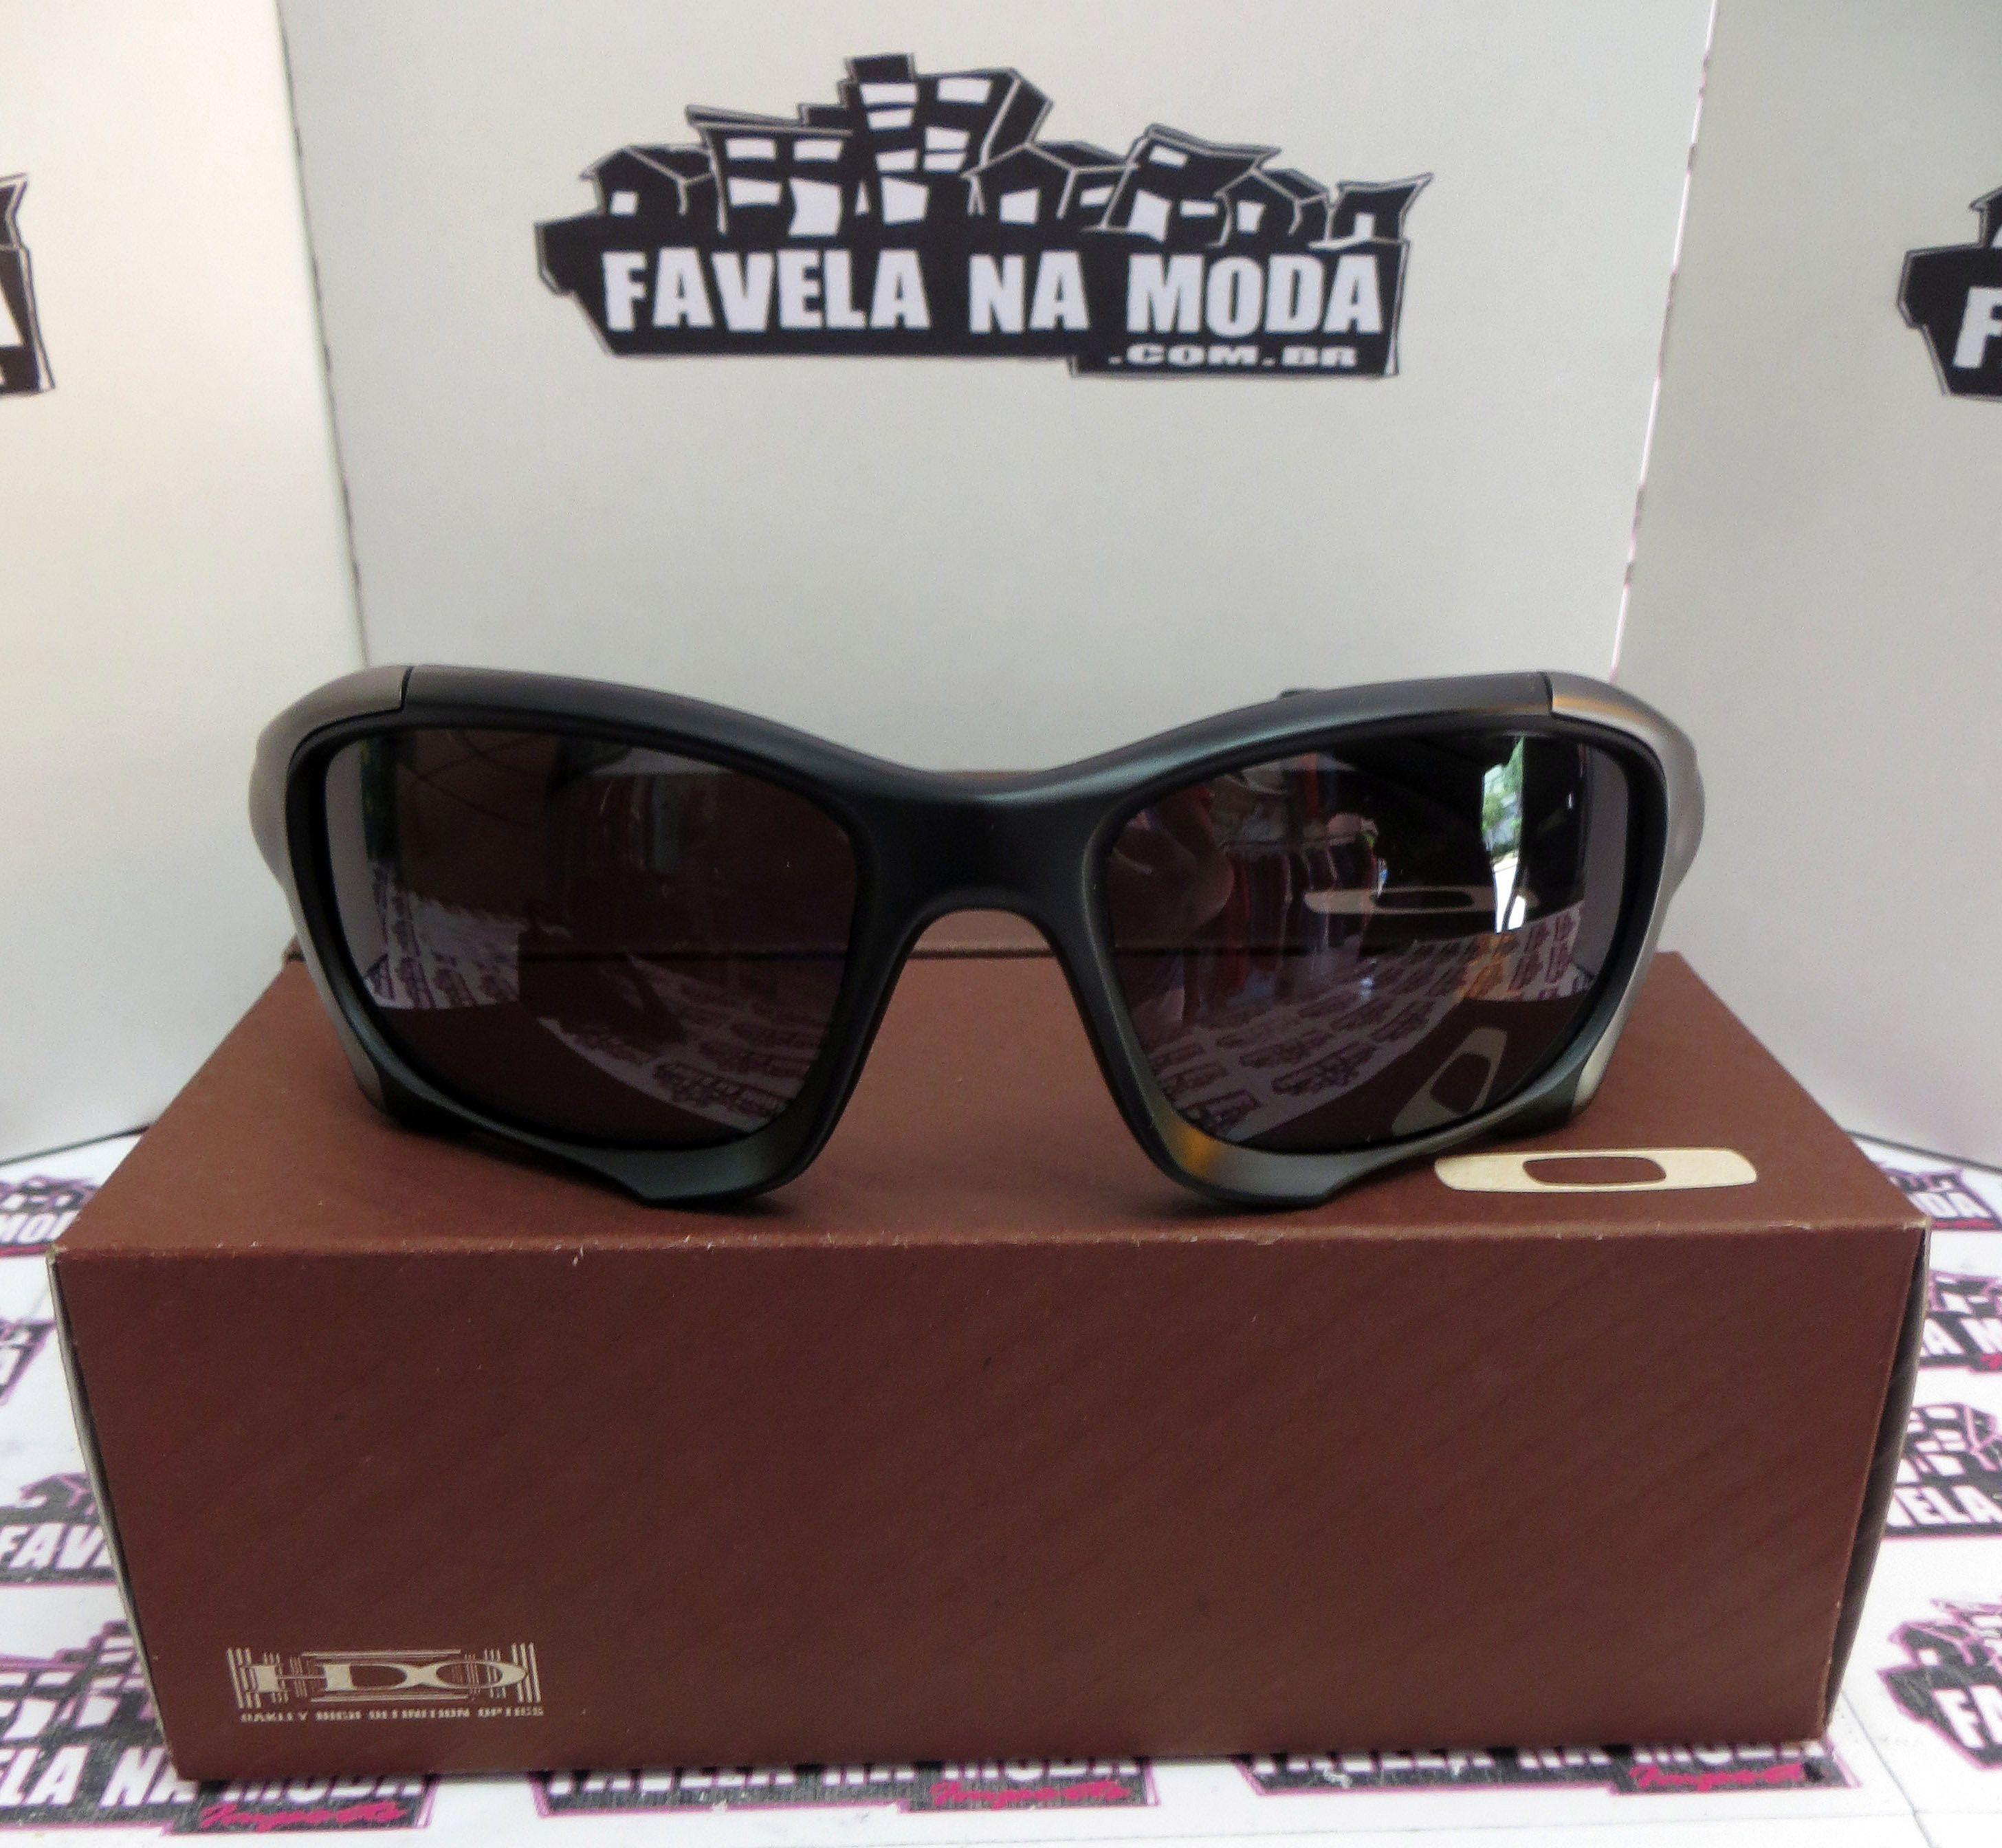 Óculos - Óculos Oakley - Pit Boss II - Favela na Moda Imports a7323f798d